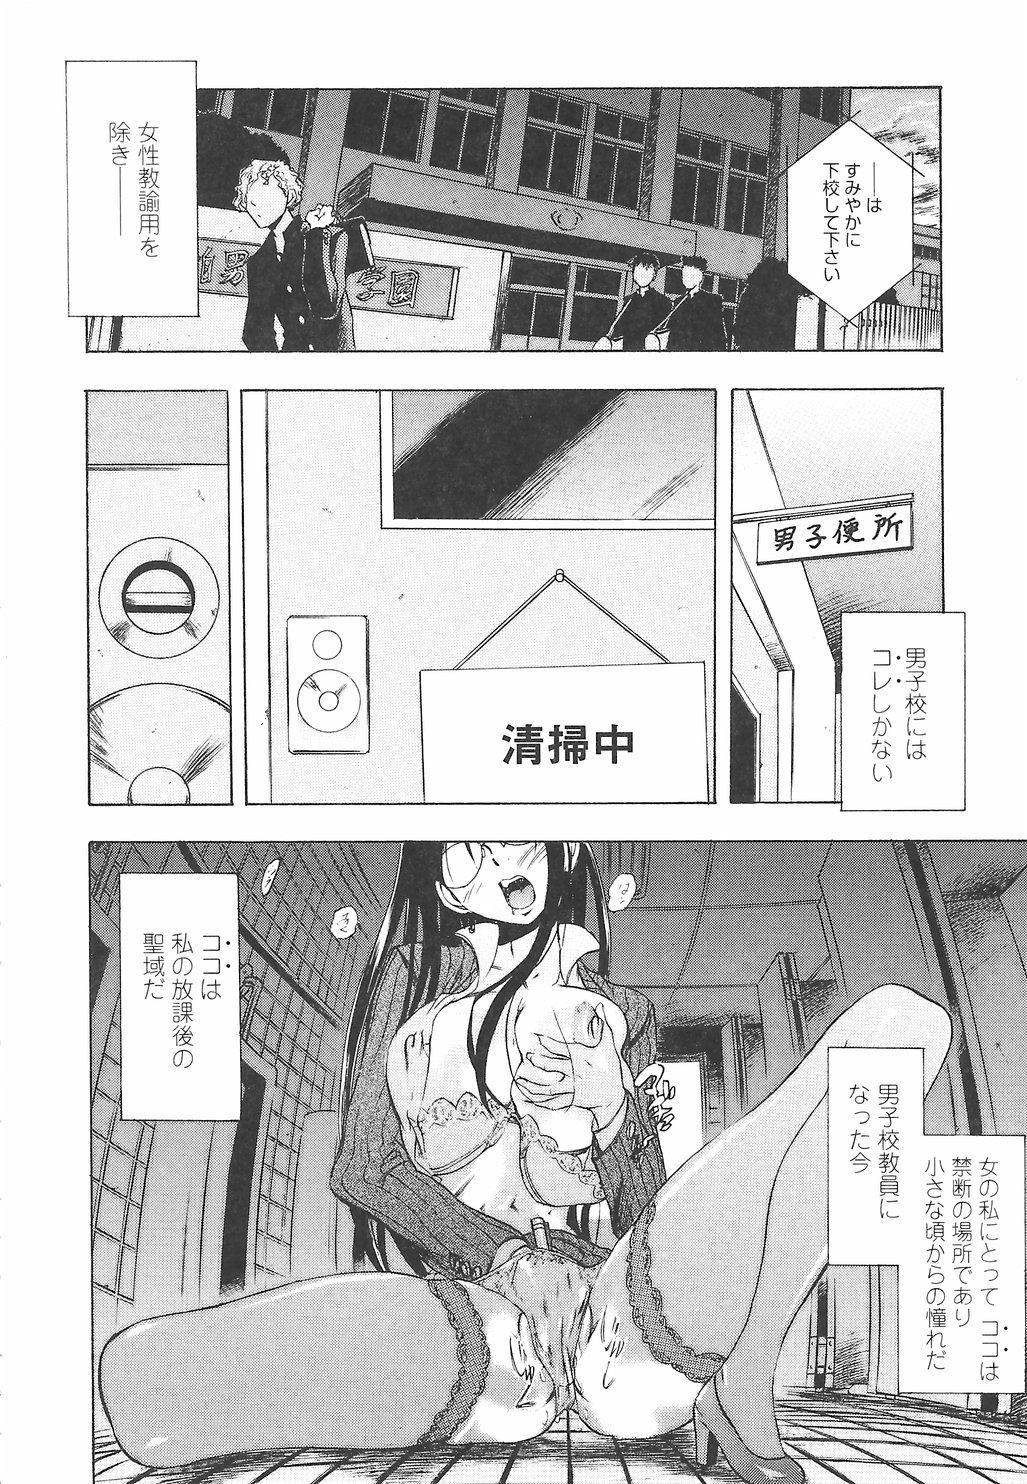 [Yuuki Tsumugi] Oshiete Ane-Tea - Teach me! my sister teacher. 13